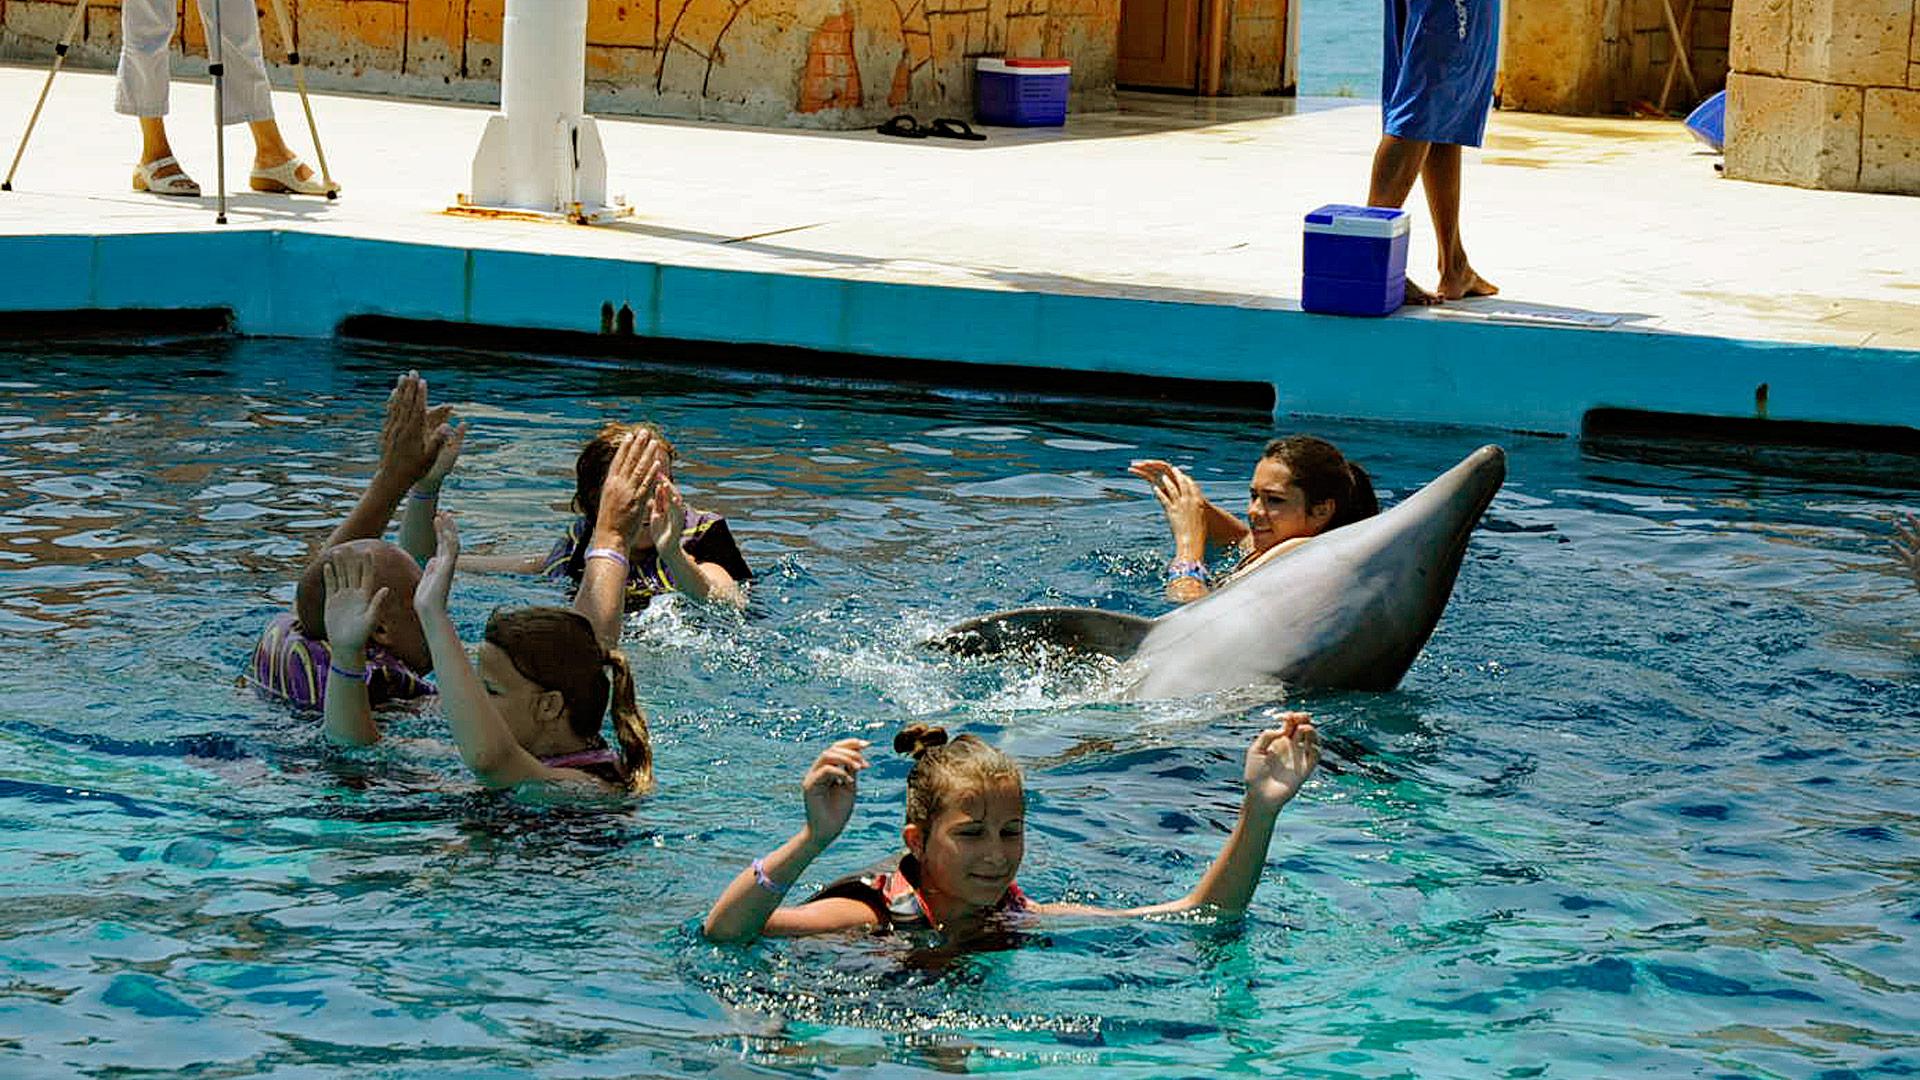 Zu viel Nähe zu großen Tieren kann gefährlich sein. Das gilt auch bei dem Delfin in Eckernförde!